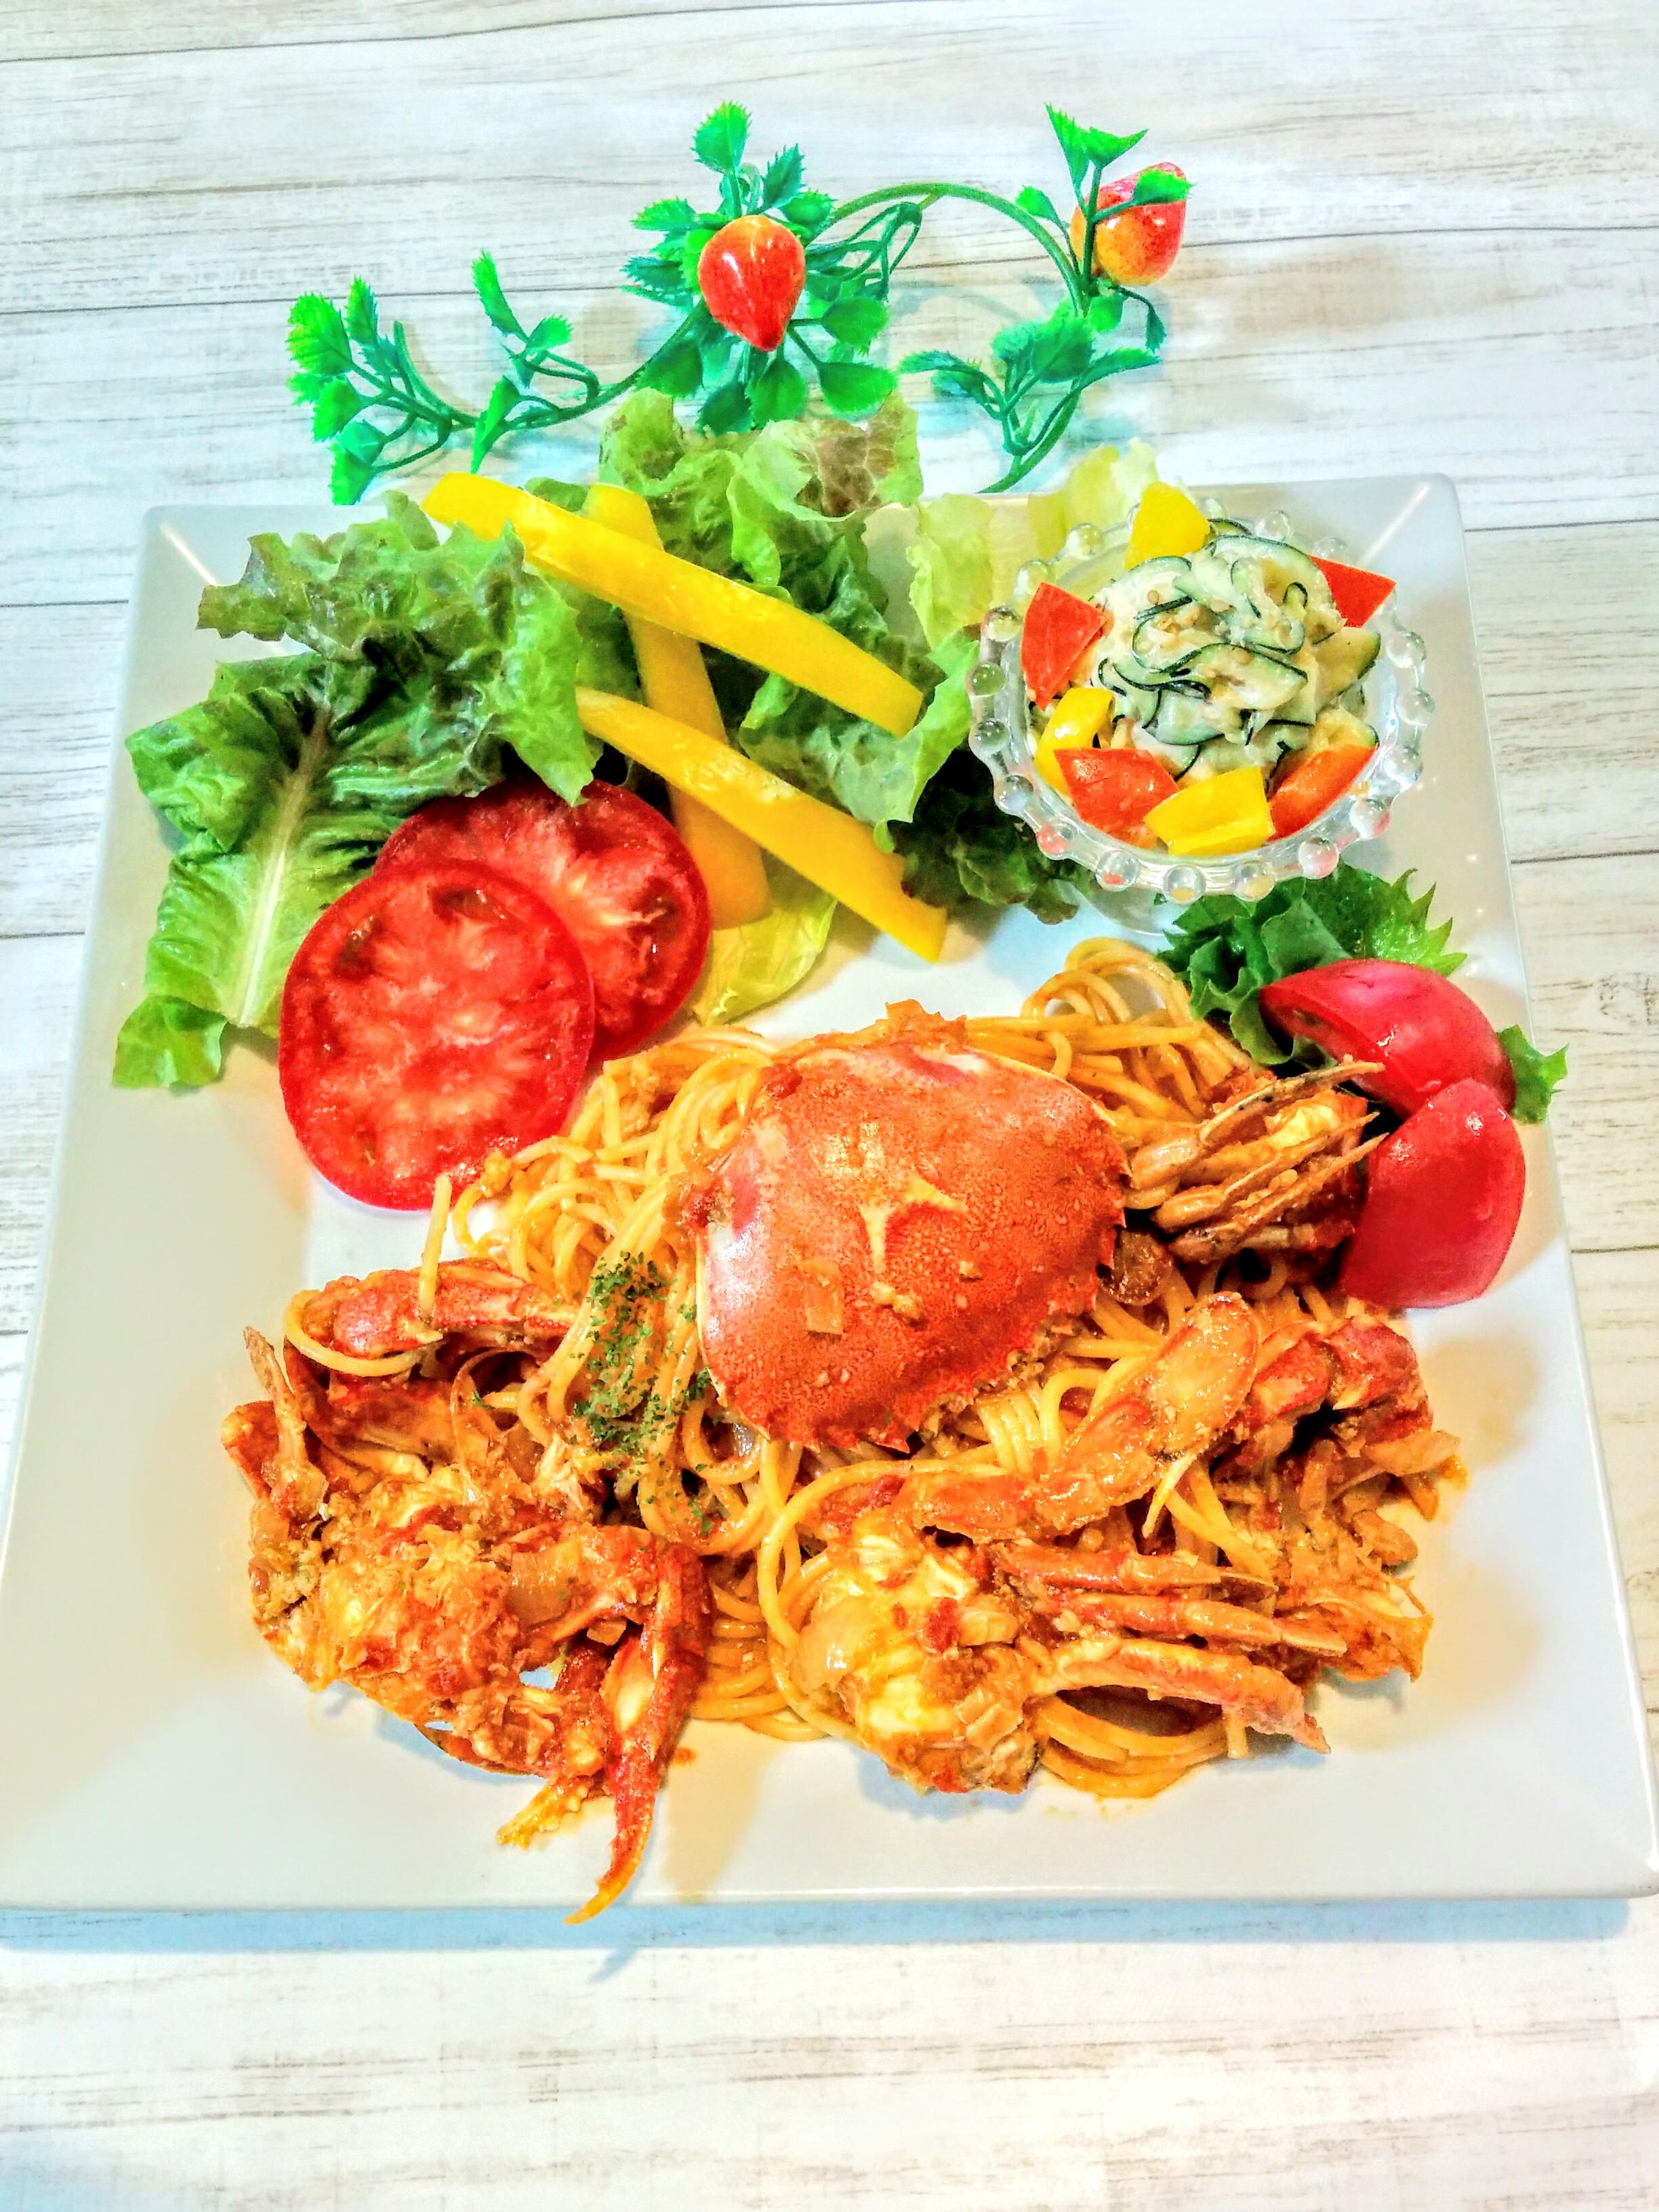 【小樽】お家御飯・ヘラ蟹のトマトクリームパスタグルメ案内です。